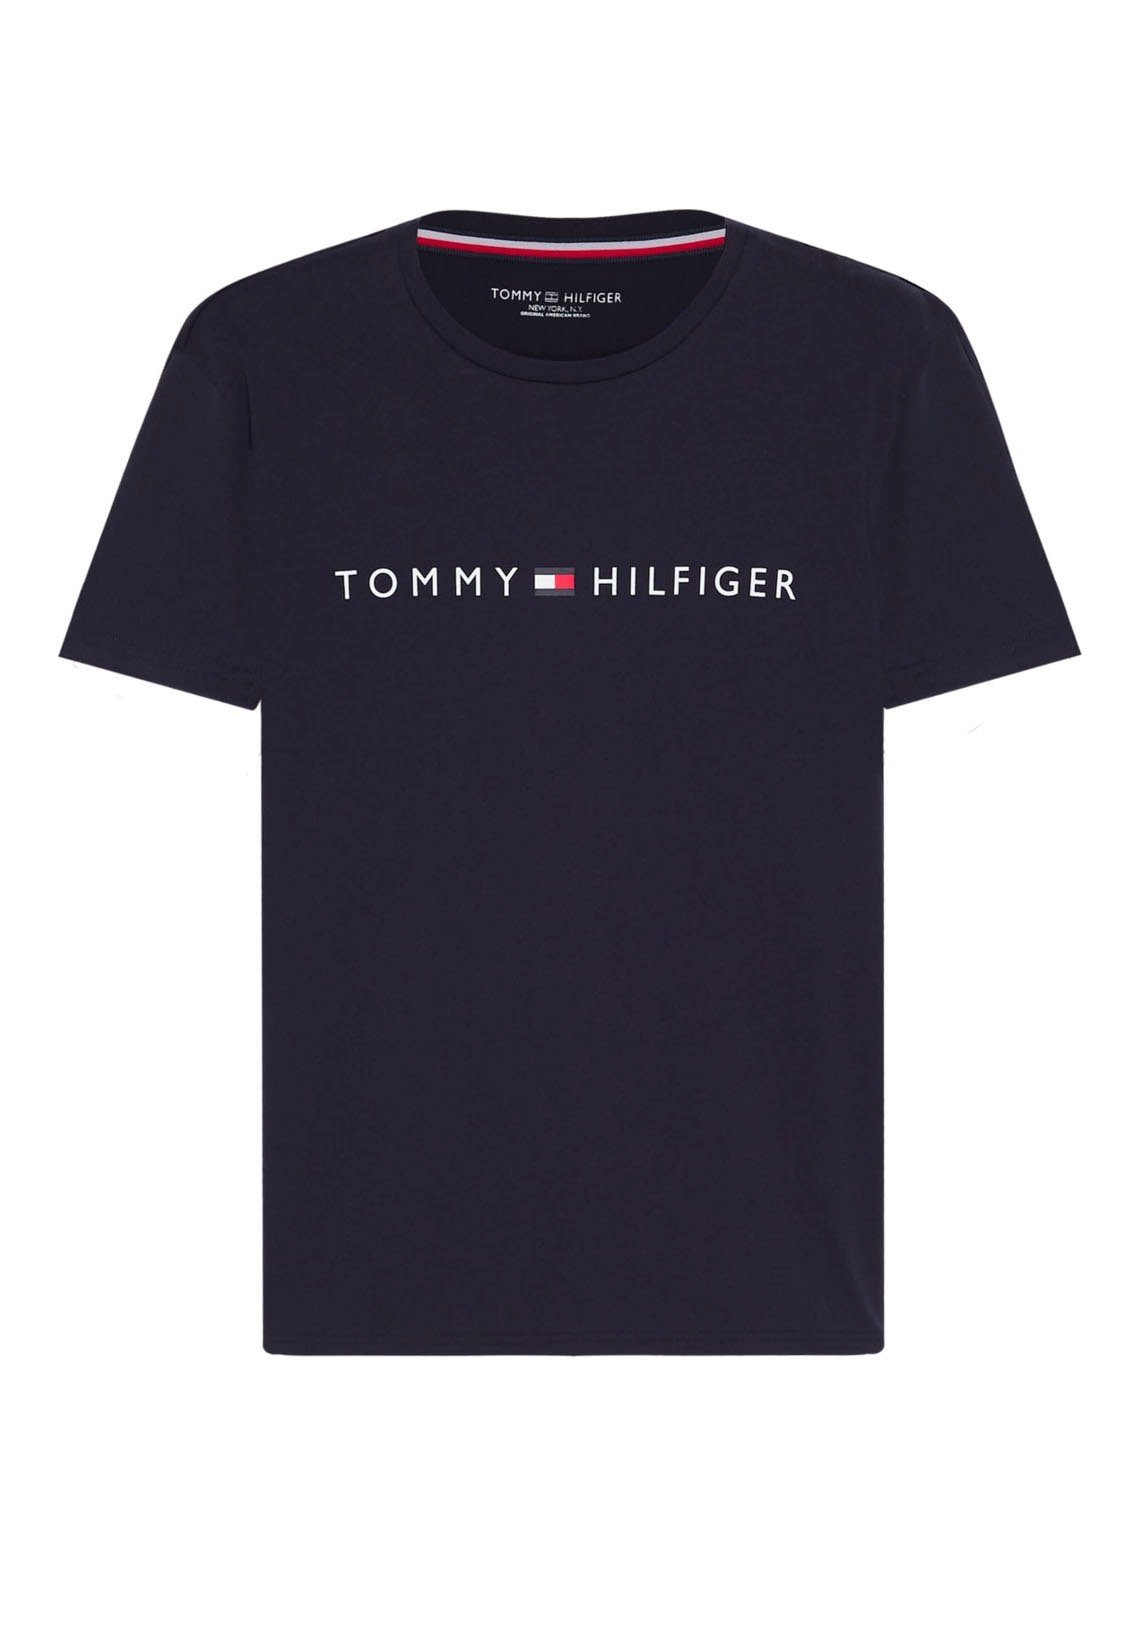 TOMMY HILFIGER T-shirt - gratis ruilen op lascana.nl